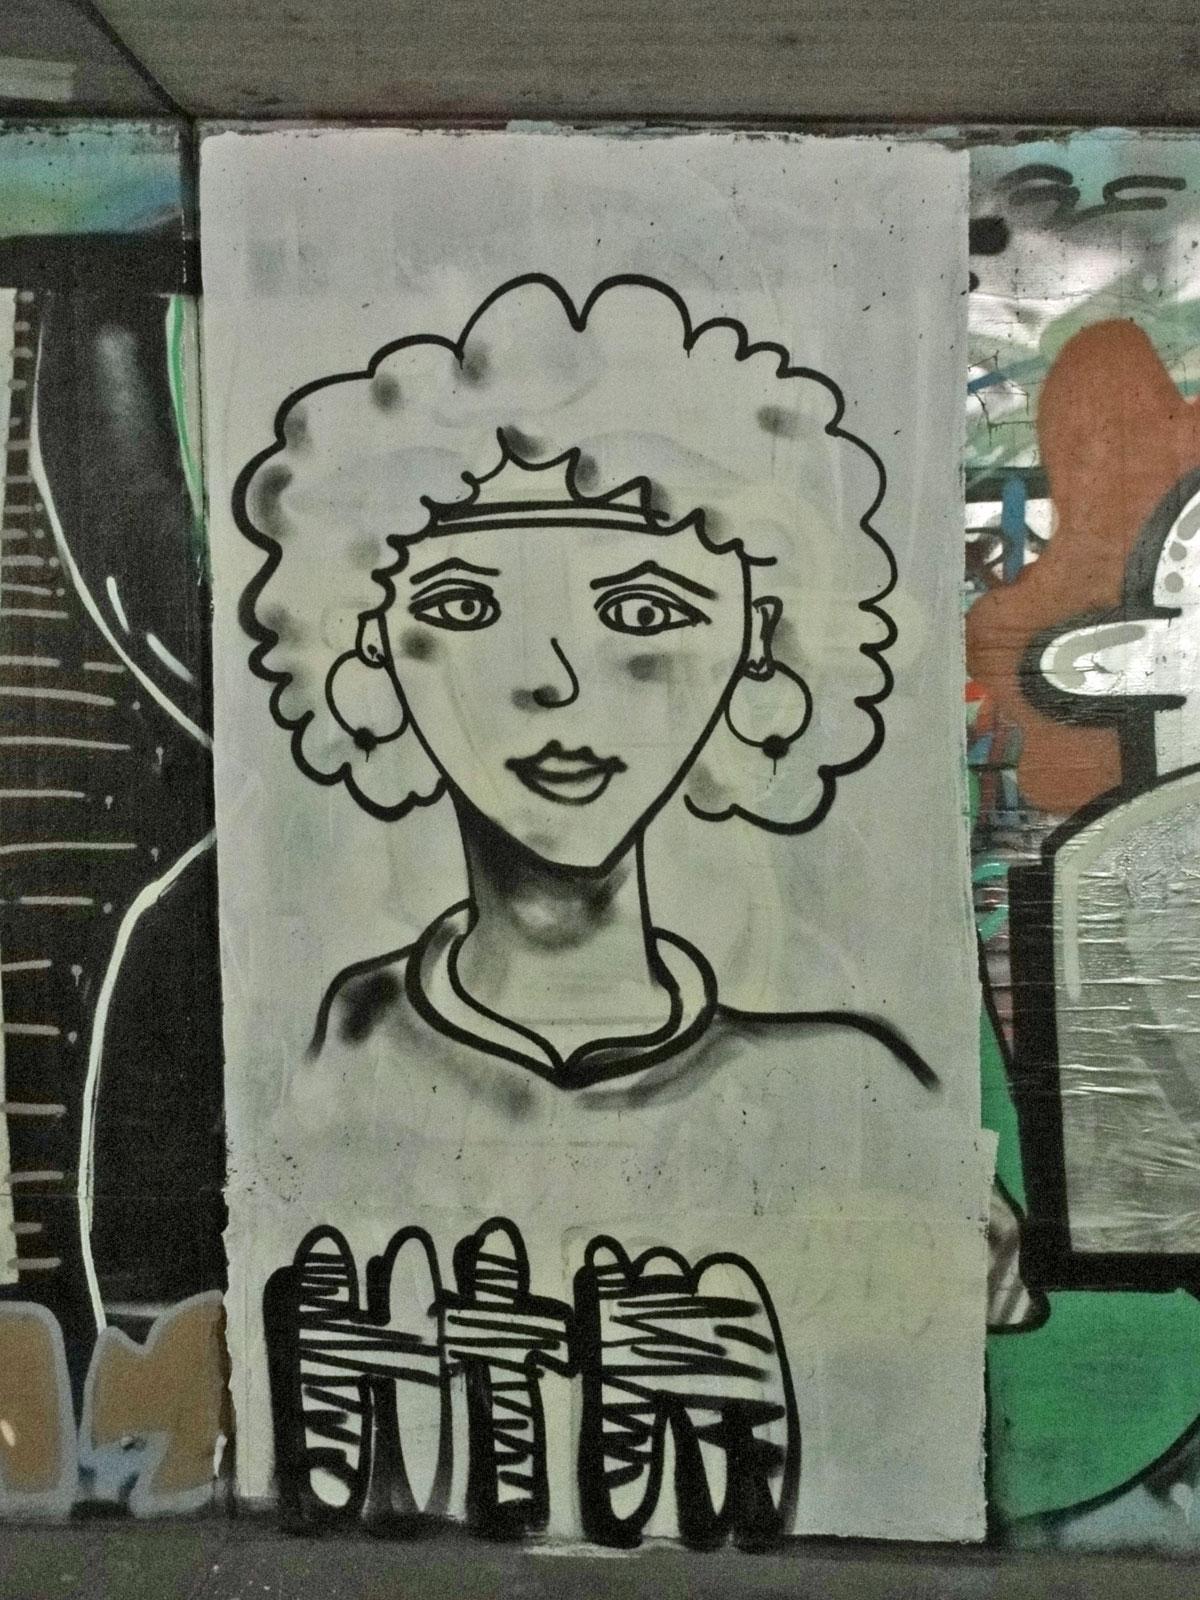 htm-hall-of-fame-frankfurt-am-main